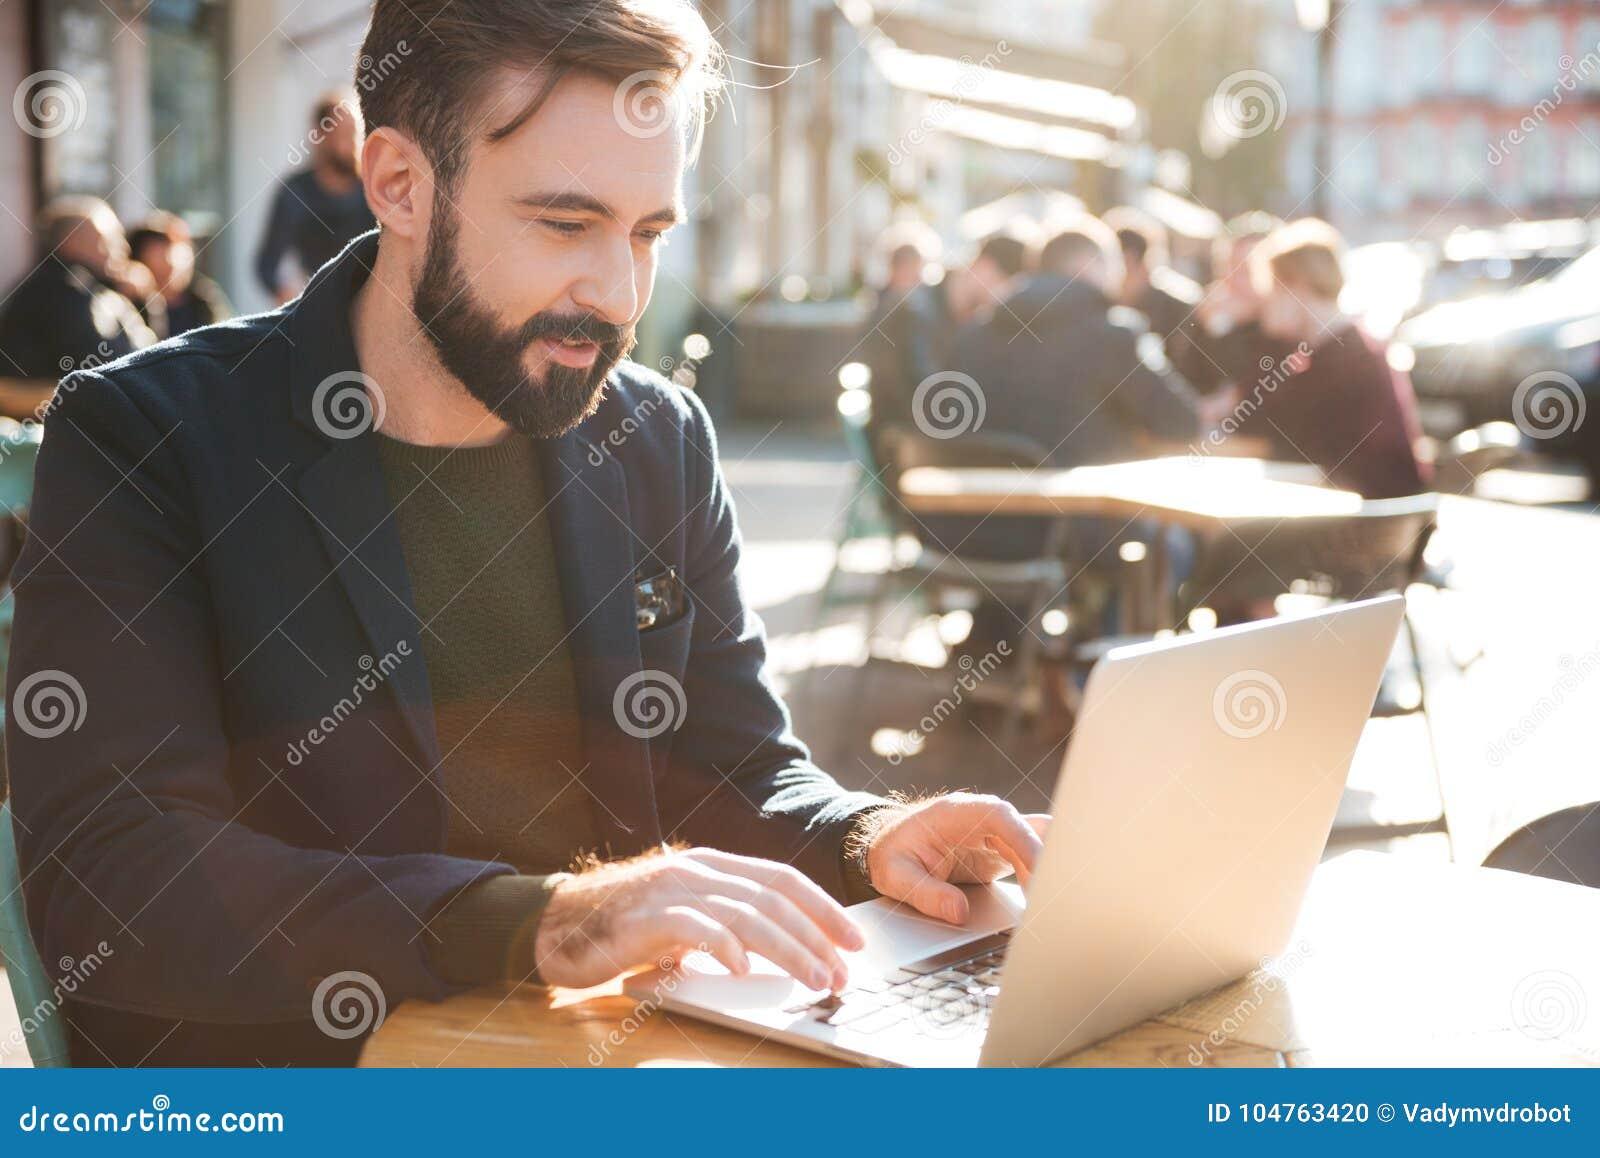 Πορτρέτο ενός νέου μοντέρνου ατόμου που εργάζεται στο φορητό προσωπικό υπολογιστή